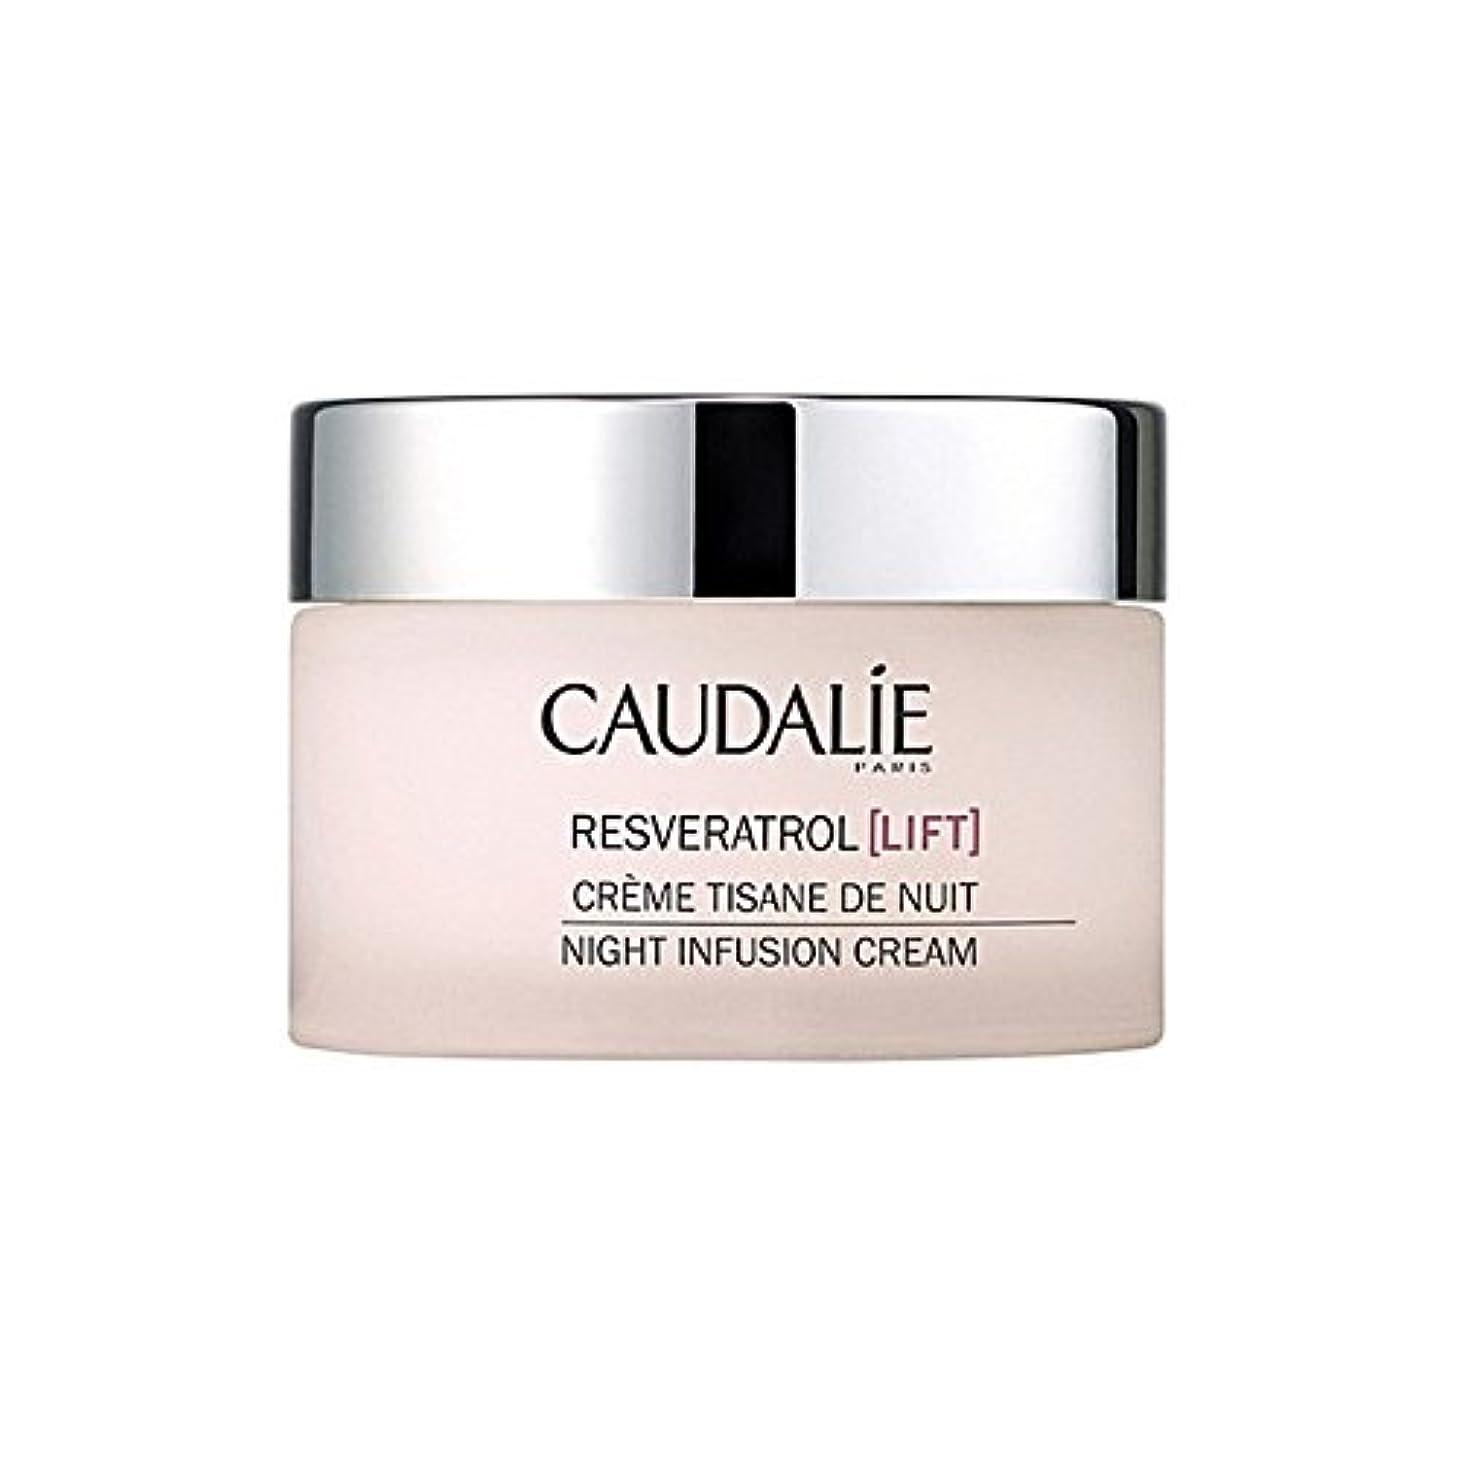 ダルセット田舎声を出してCaudalie Resveratrol Lift Night Infusion Cream 50Ml (Pack of 6) - コーダリーレスベラトロールリフト夜の注入クリーム50 x6 [並行輸入品]